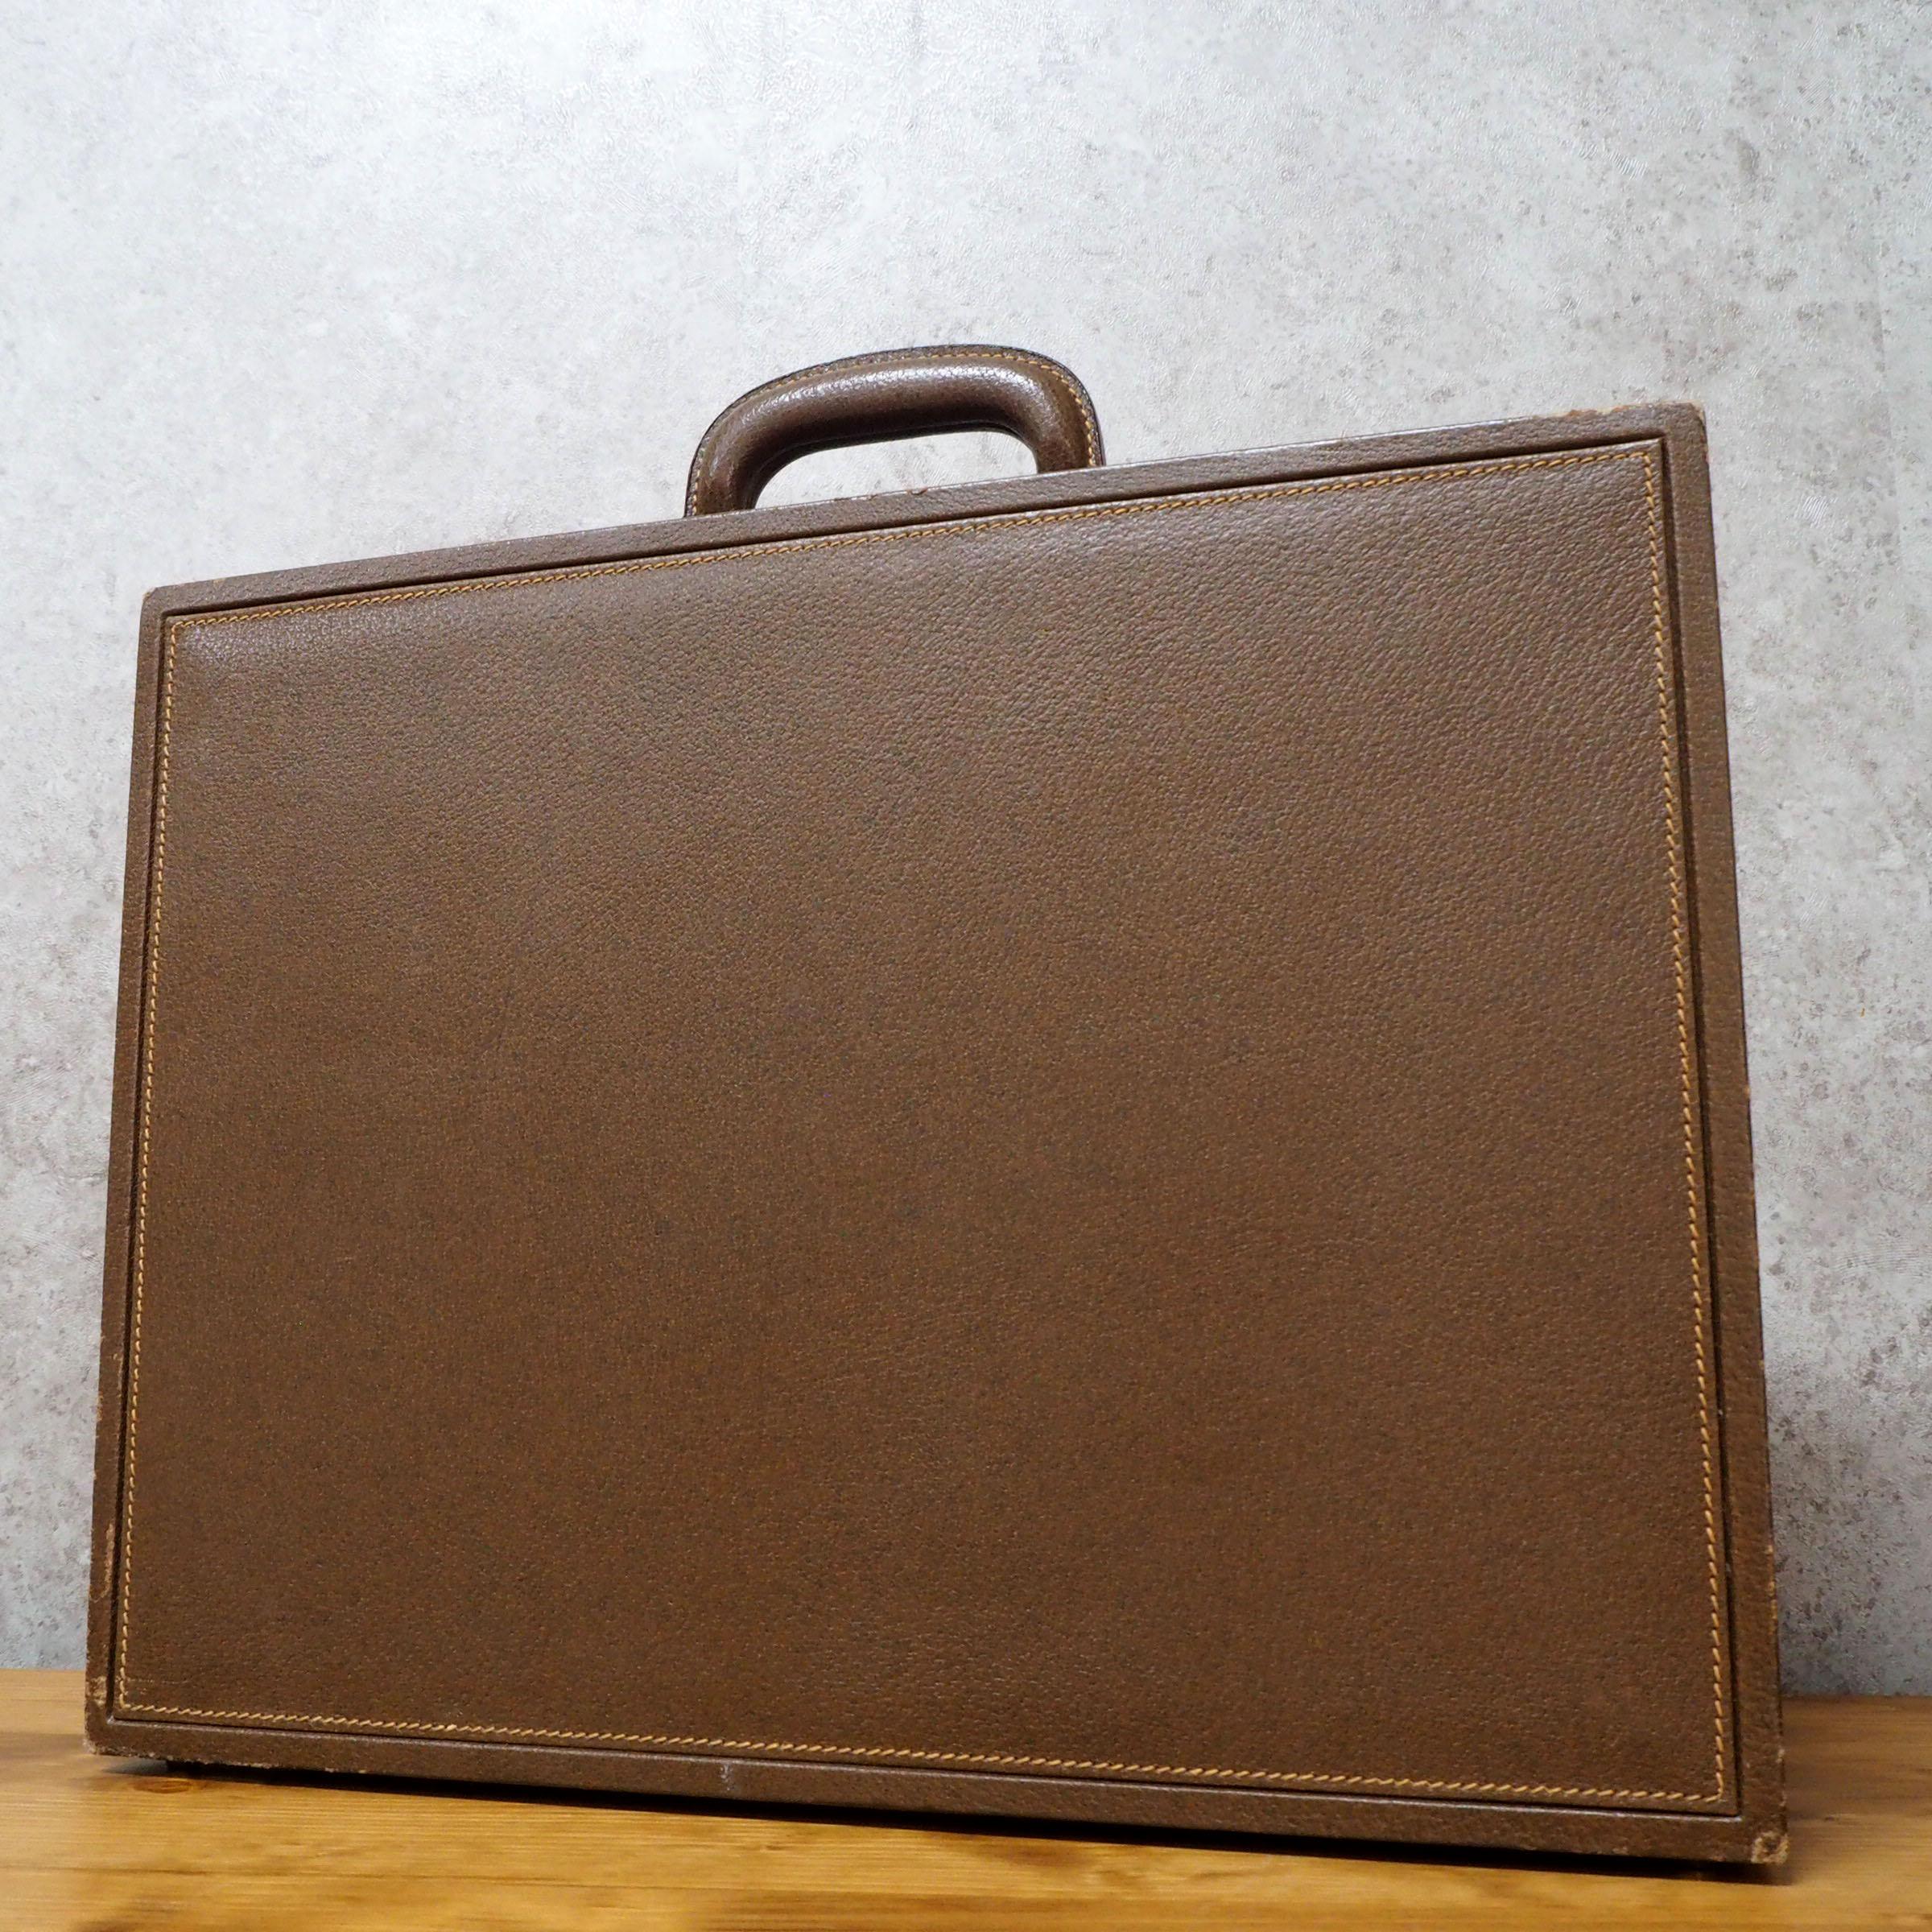 メンズバッグ, ビジネスバッグ・ブリーフケース  OLDGUCCI 1980 80s